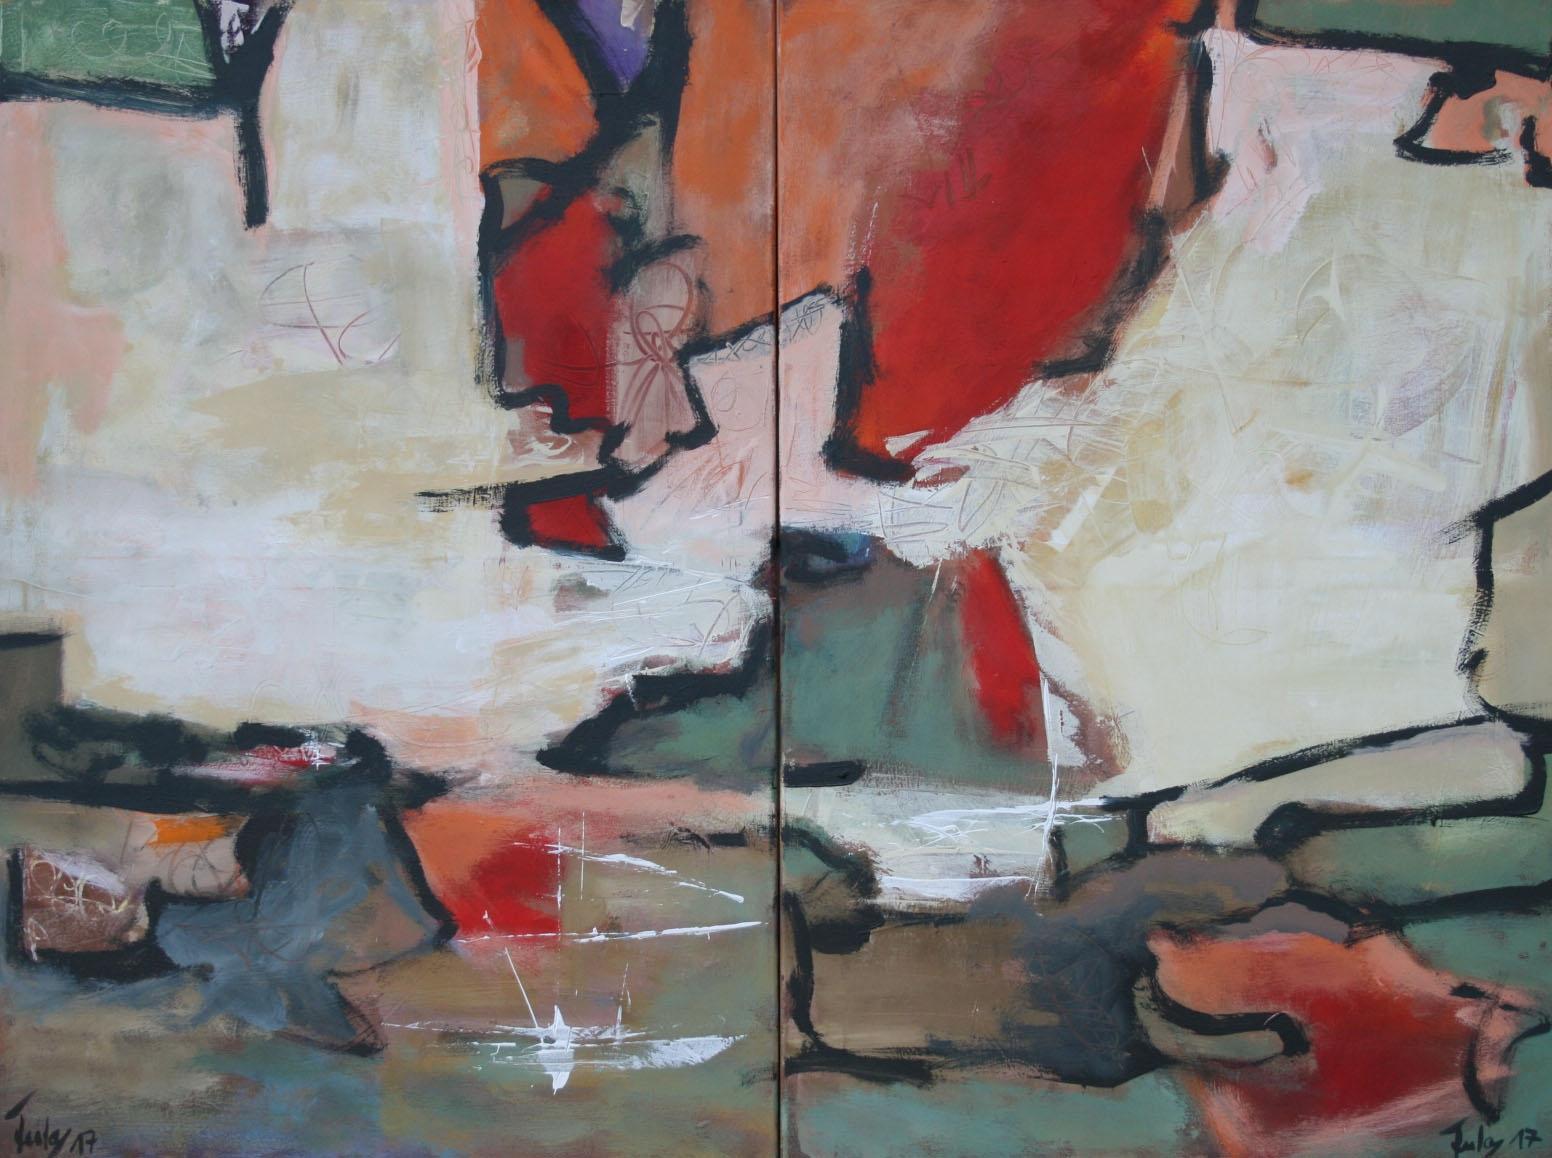 Ohne Titel 1706, Öl und Acryl auf Leinwand, 90 x 120 cm, zweiteilig